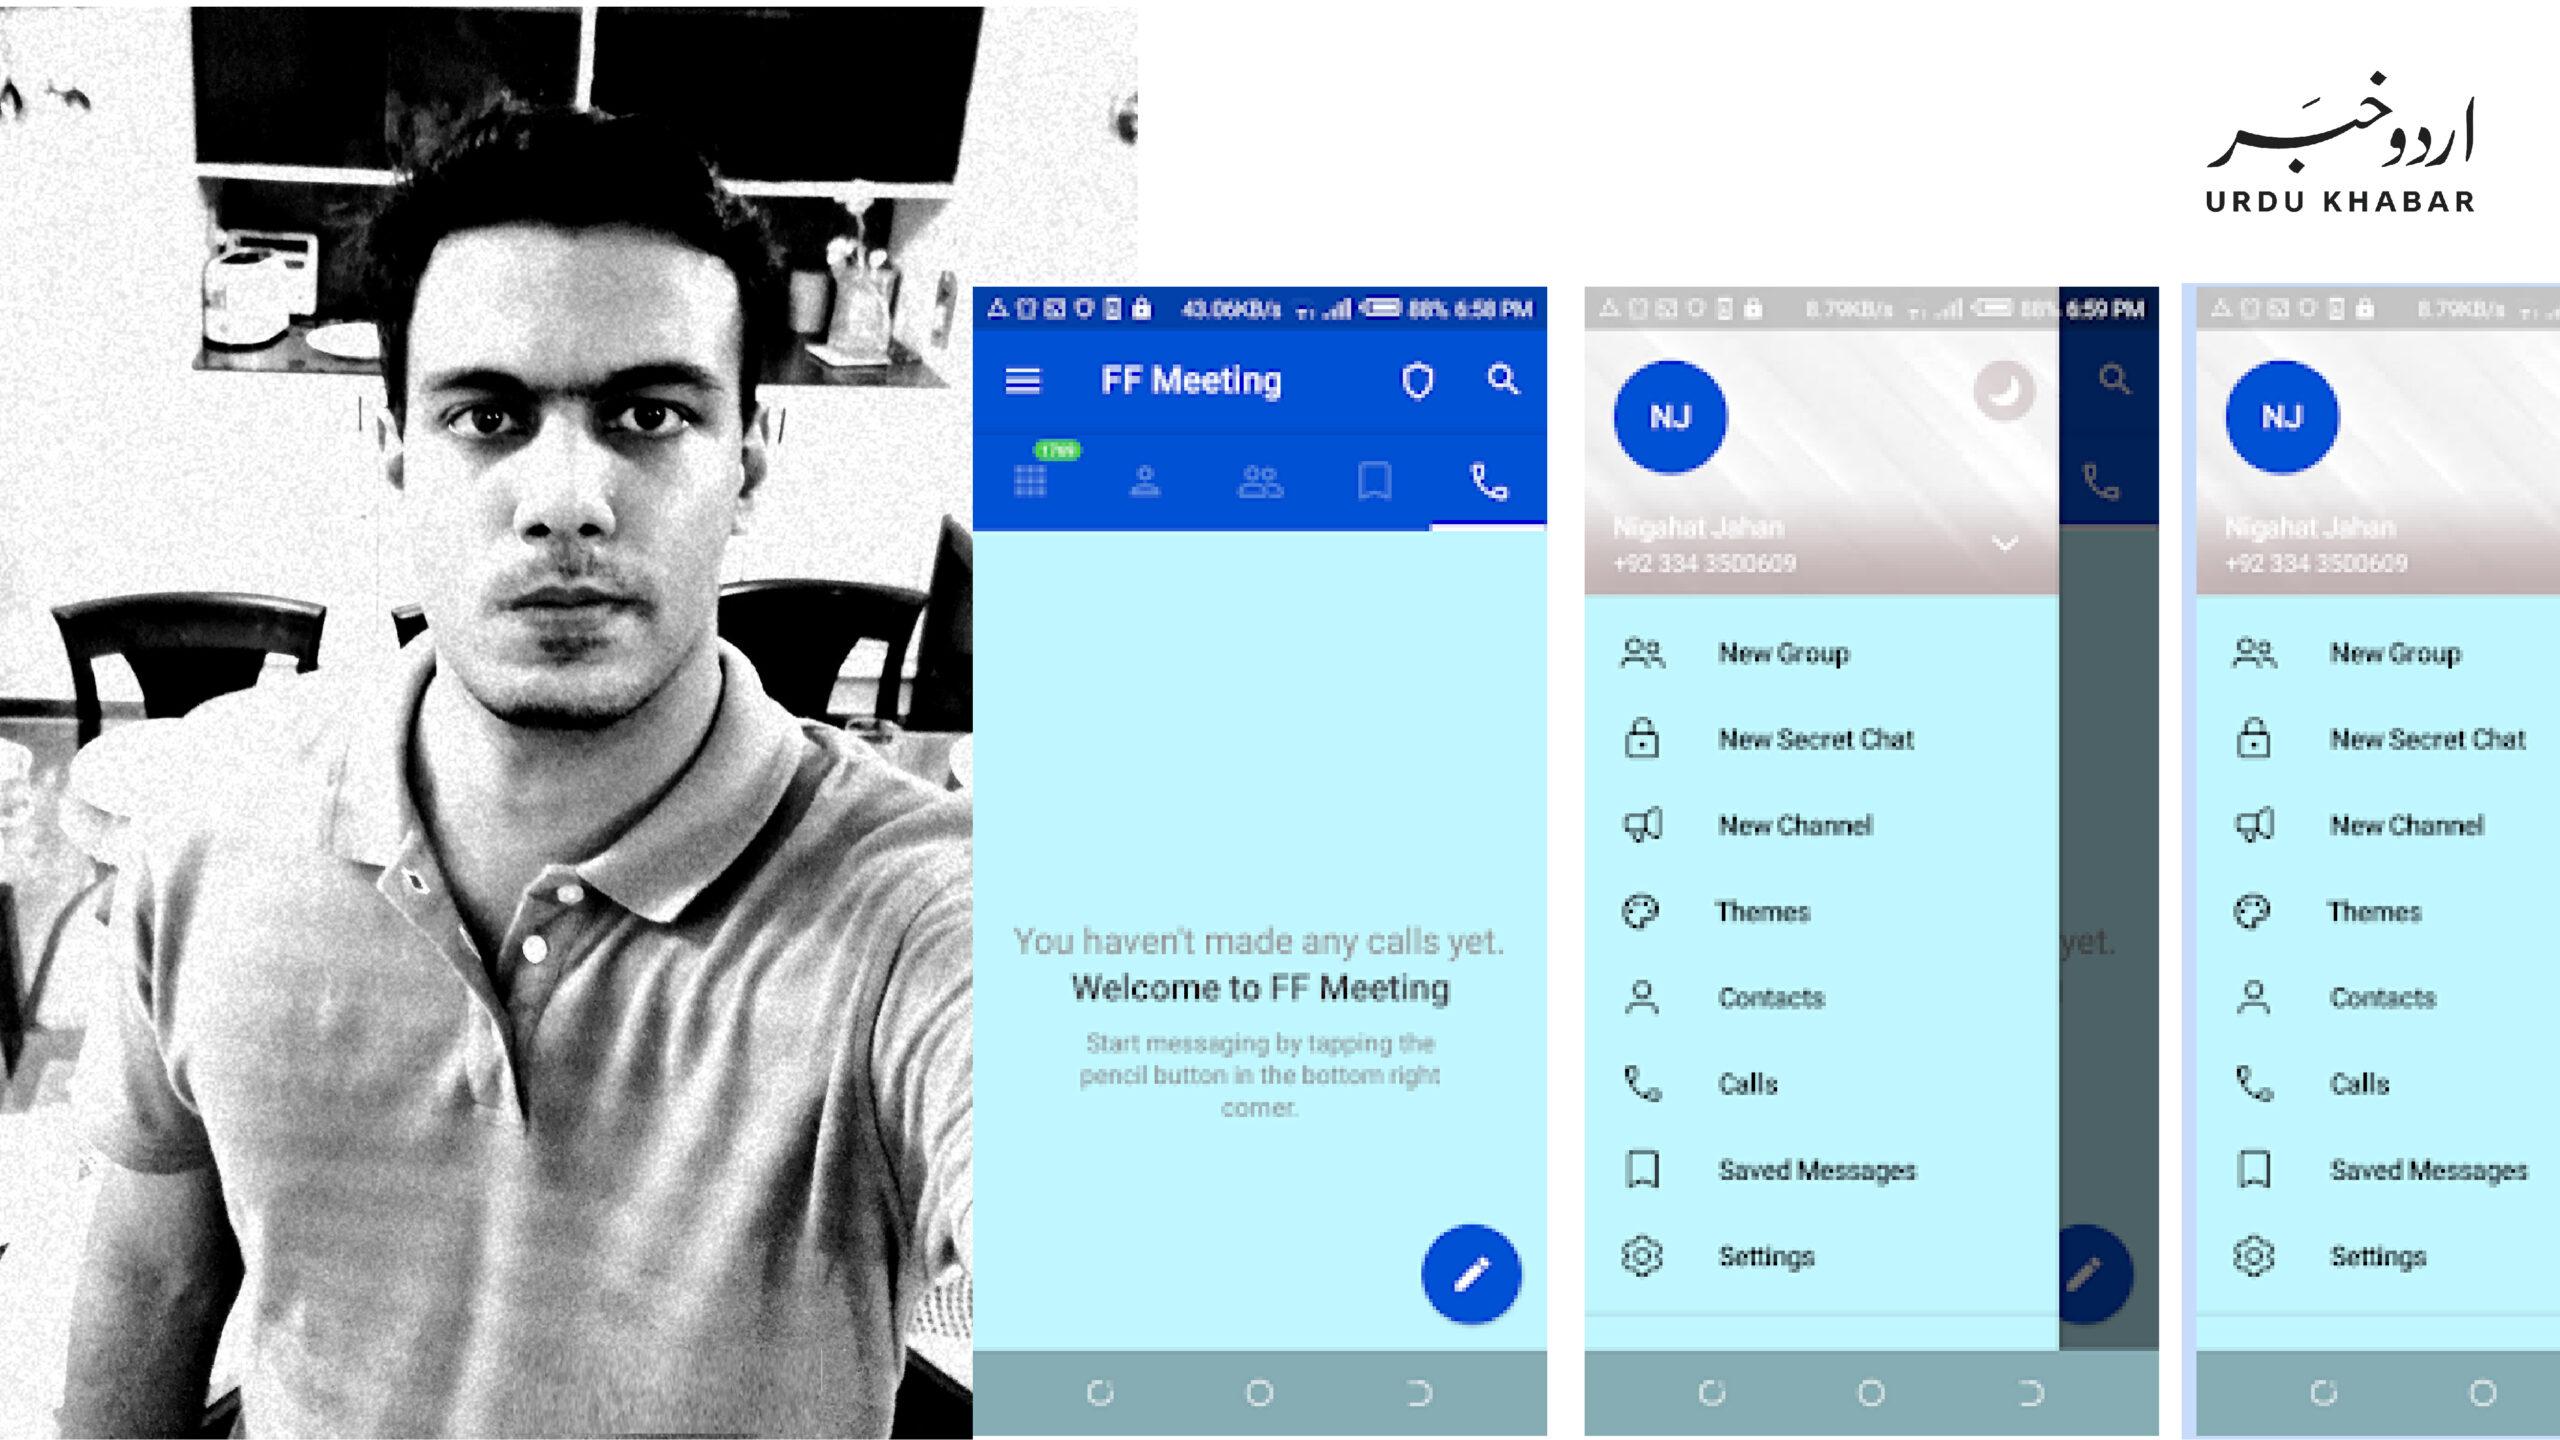 سالہ کراچی کے نوجوان نے ٹیلی گرام 15 جیسی چیٹنگ اپلیکیشن بنا لی